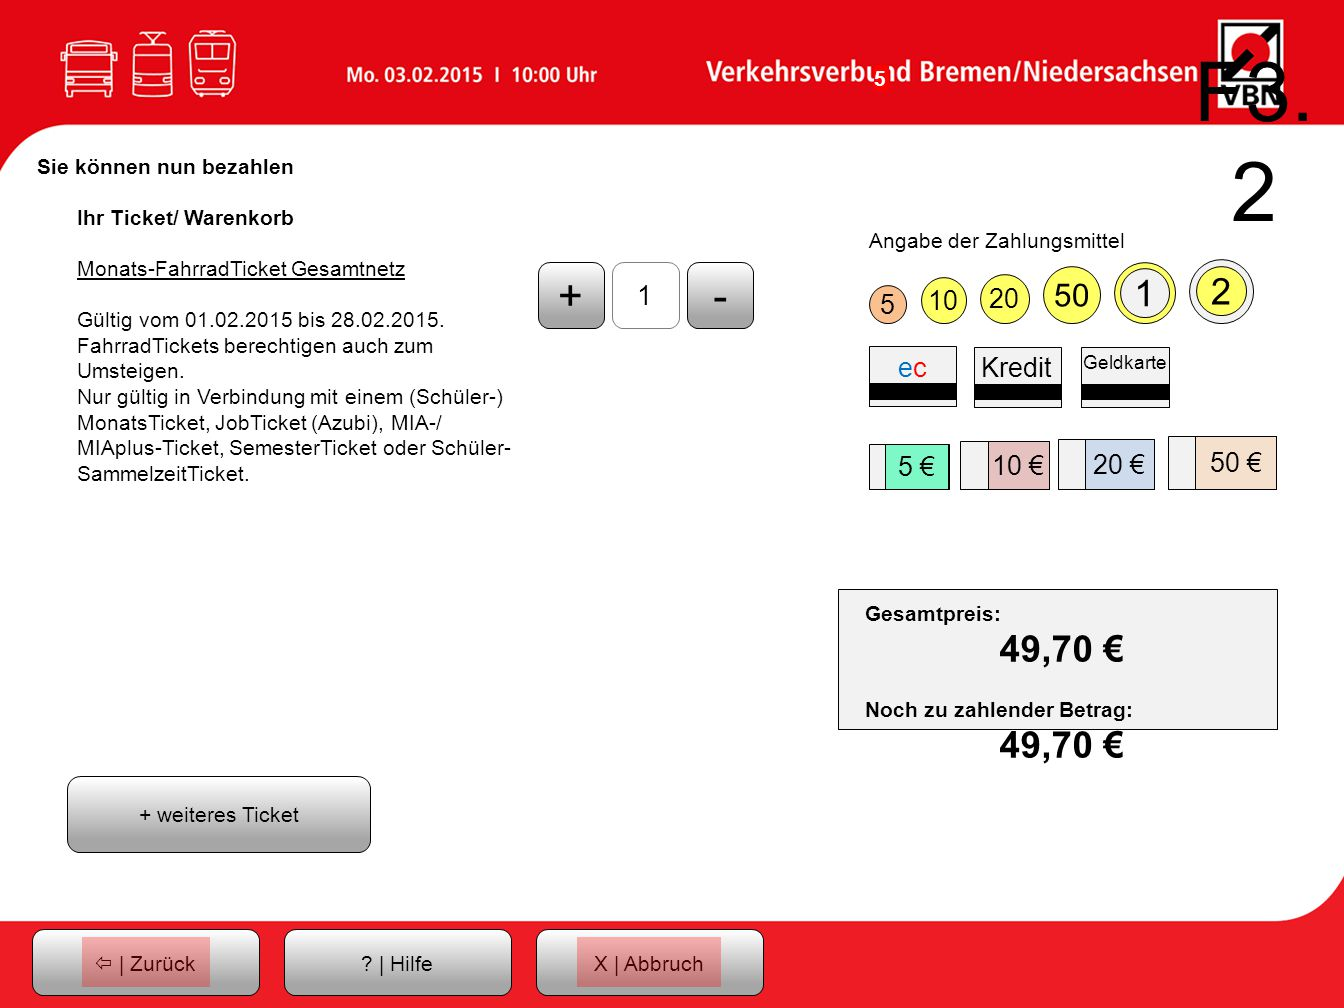 F3.2 Sie können nun bezahlen. Ihr Ticket/ Warenkorb. Monats-FahrradTicket Gesamtnetz. Gültig vom 01.02.2015 bis 28.02.2015.